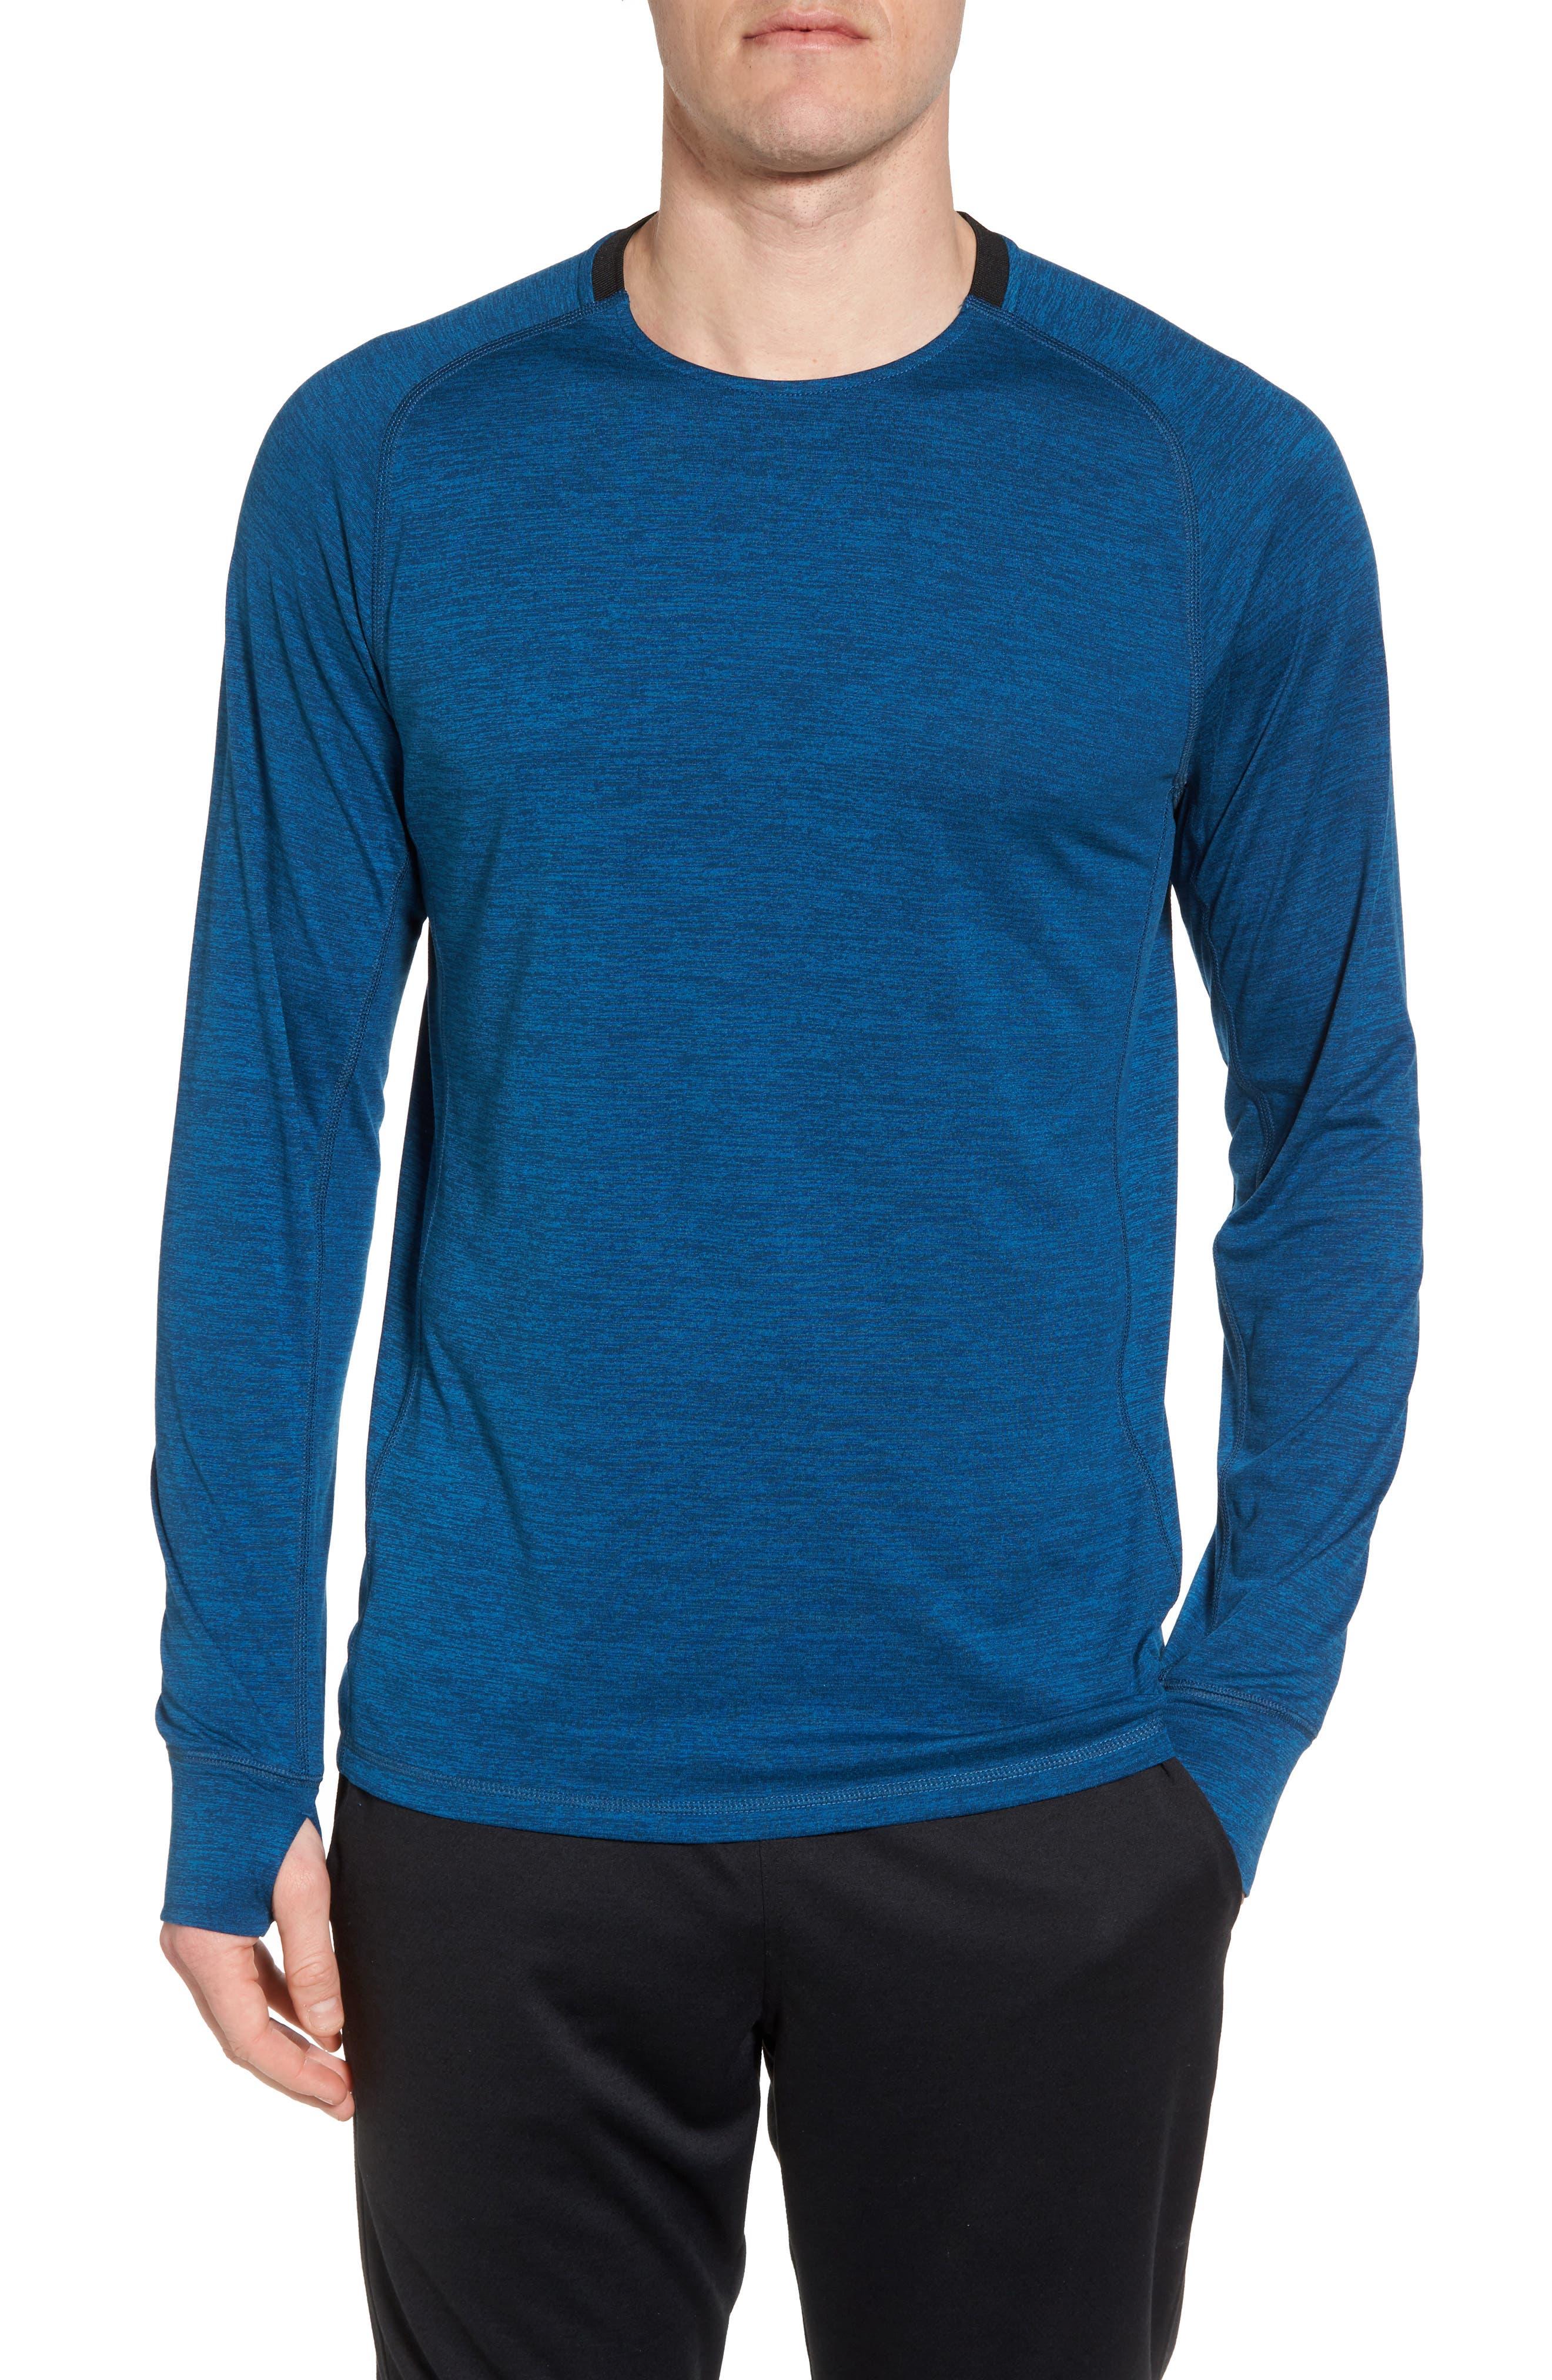 Larosite Athletic Fit T-Shirt,                             Main thumbnail 1, color,                             Blue Iolite Melange